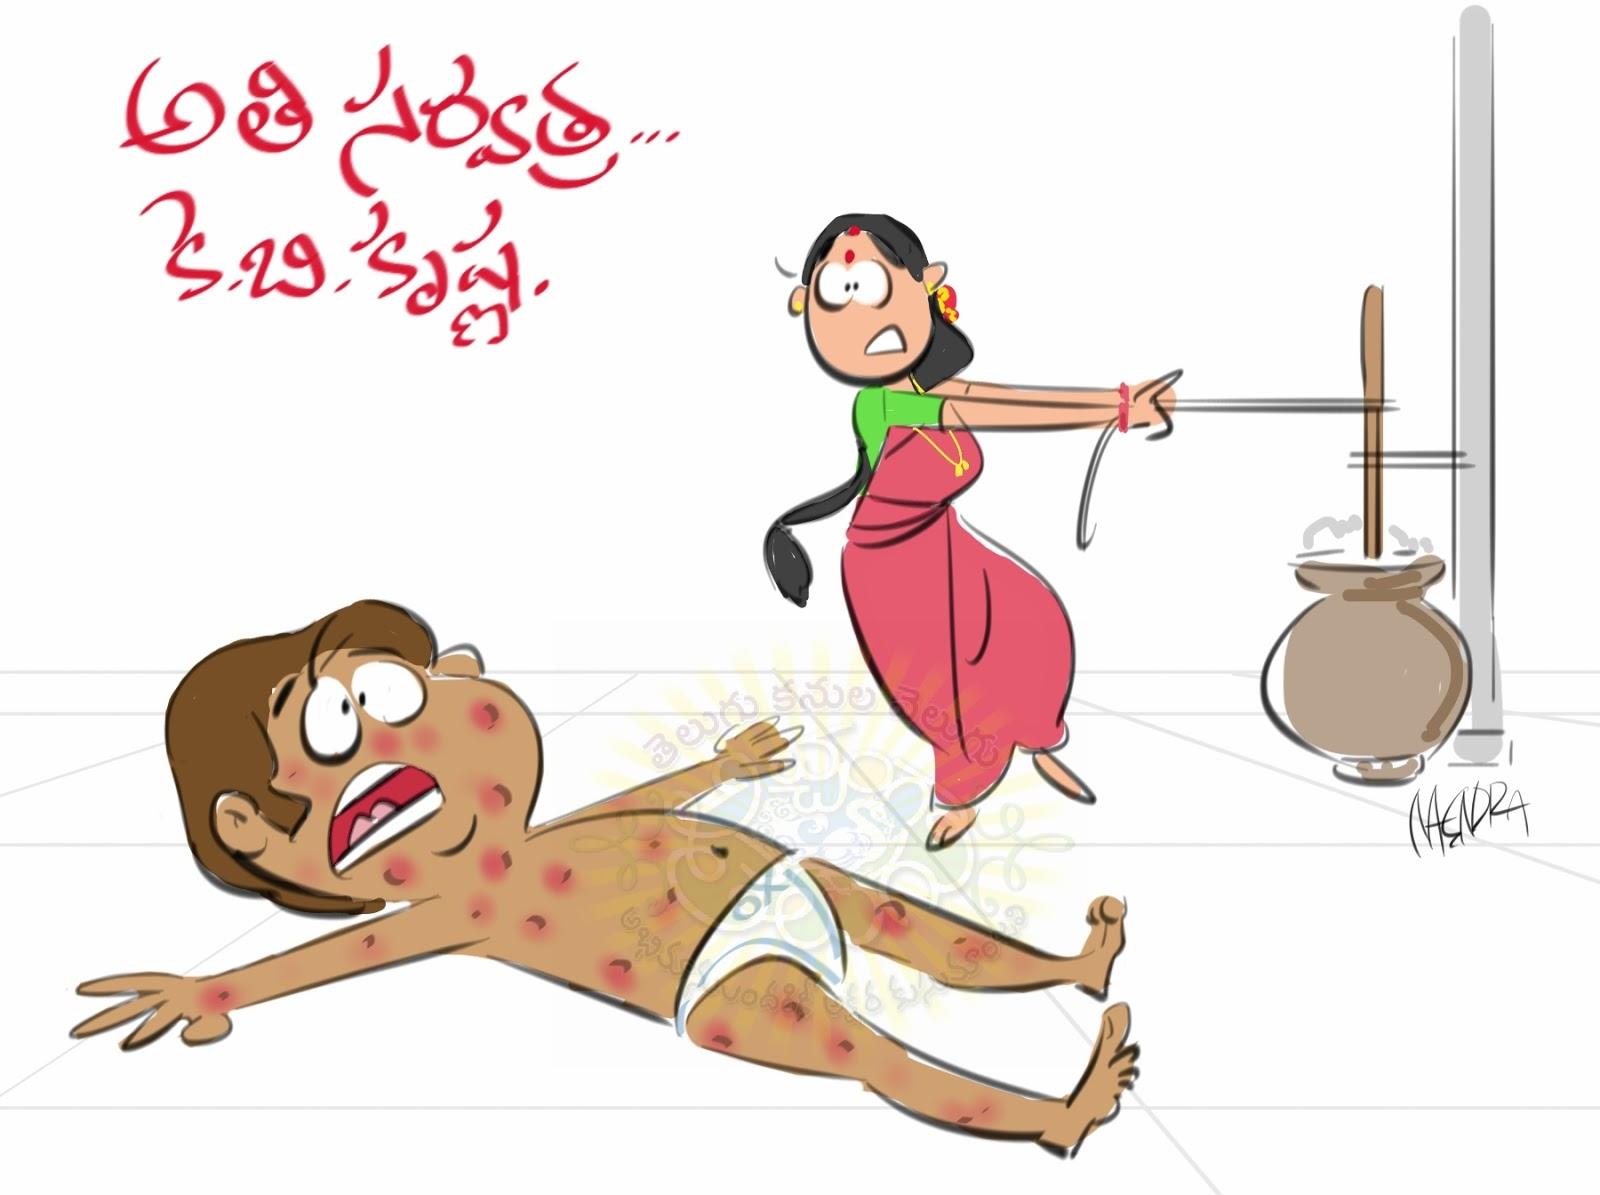 అరి సర్వత్రా కథాకదంబం, కె.బి.కృష్ణ